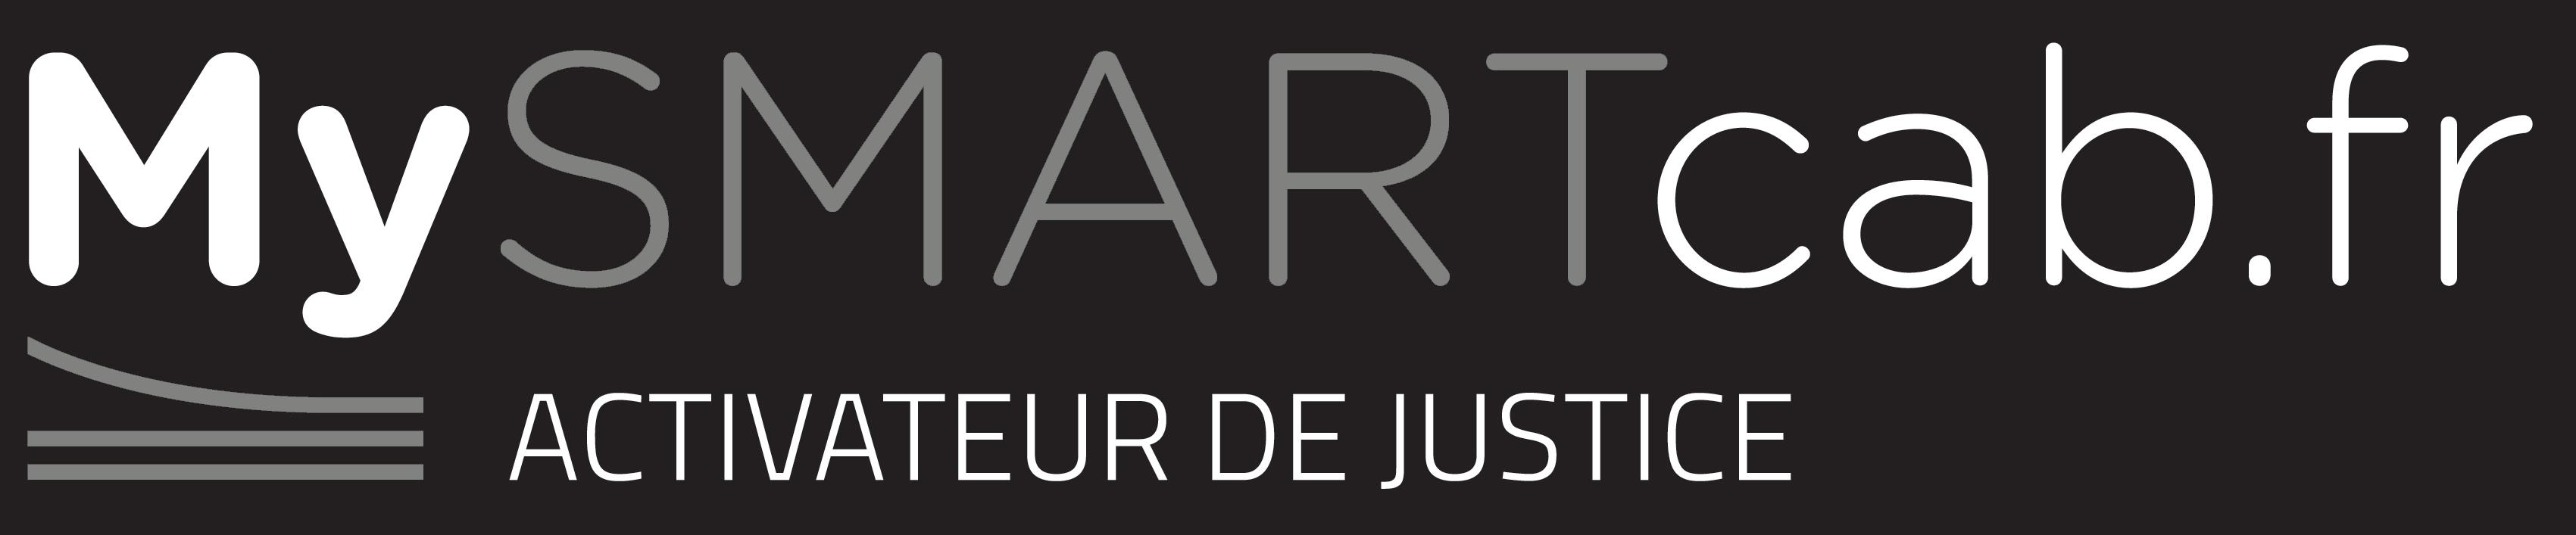 MySMARTcab Image sur les Actions en justice